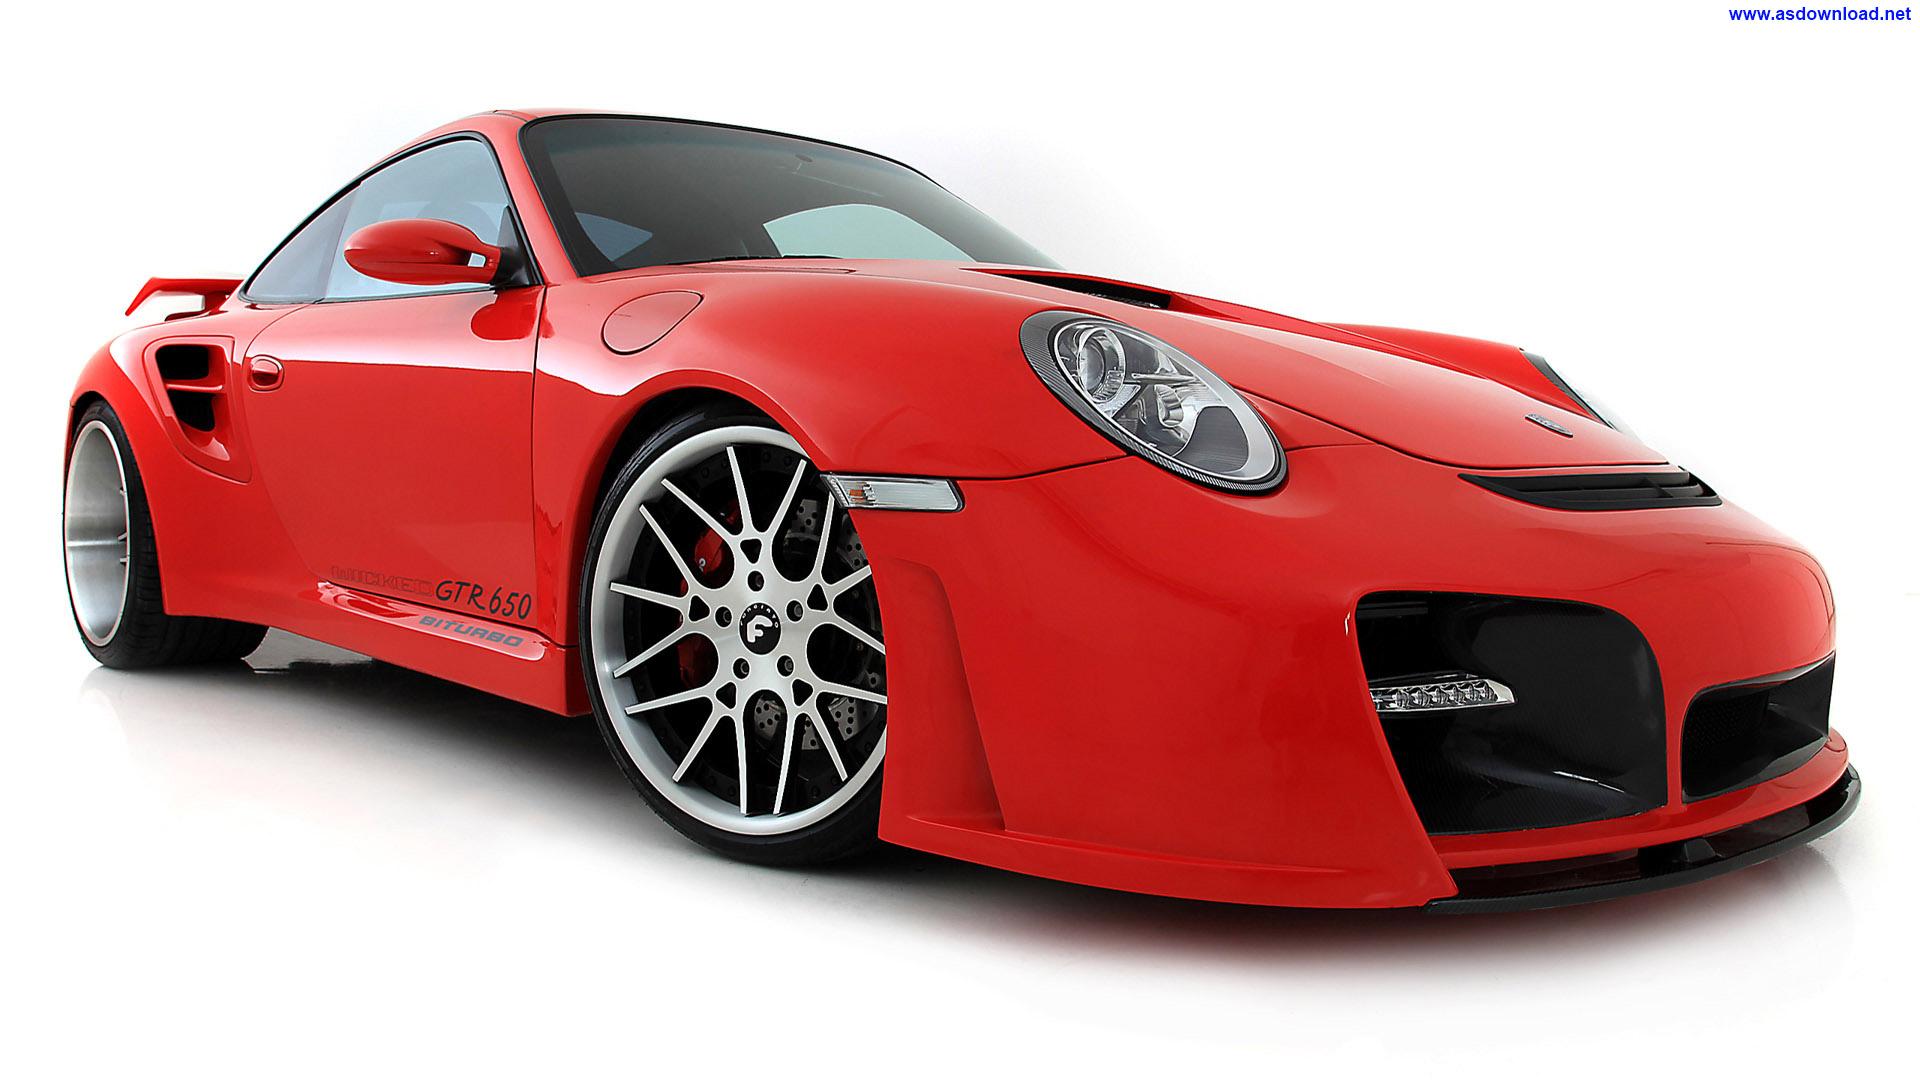 دانلود عکس بهترین و گرانترین ماشین های جهان